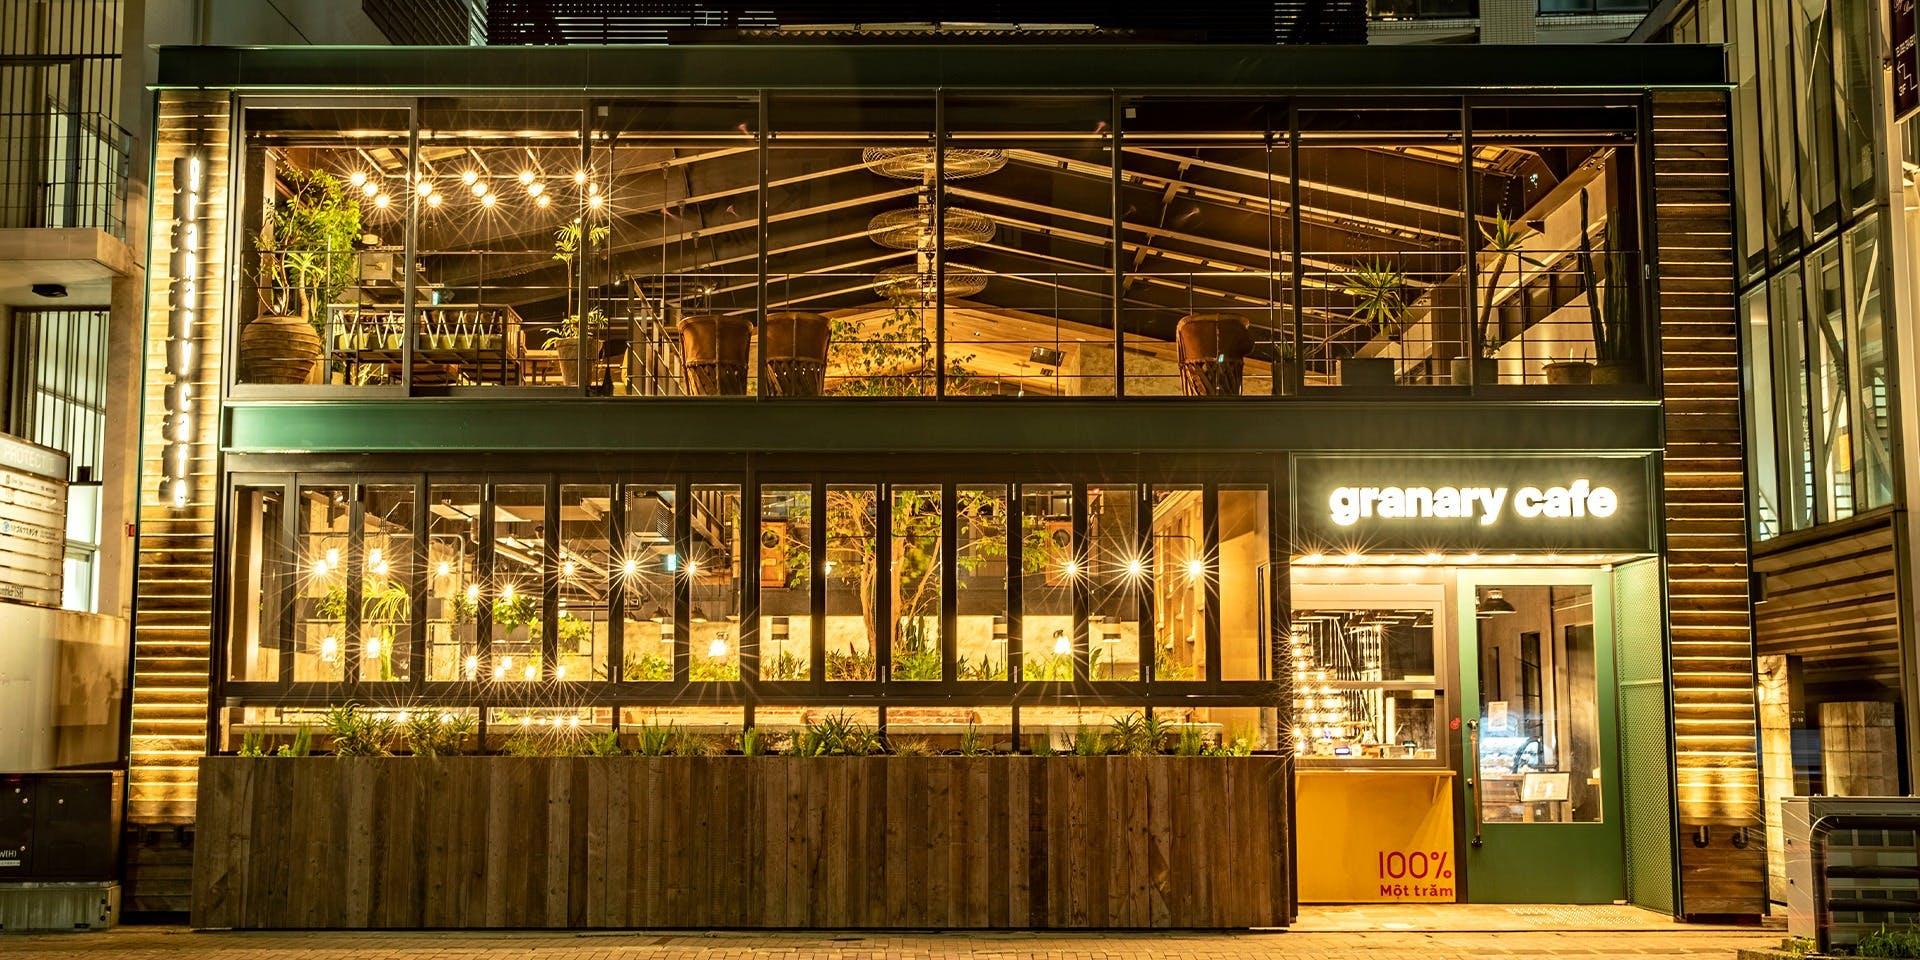 記念日におすすめのレストラン・granary cafe(旧BARRANCA)の写真2